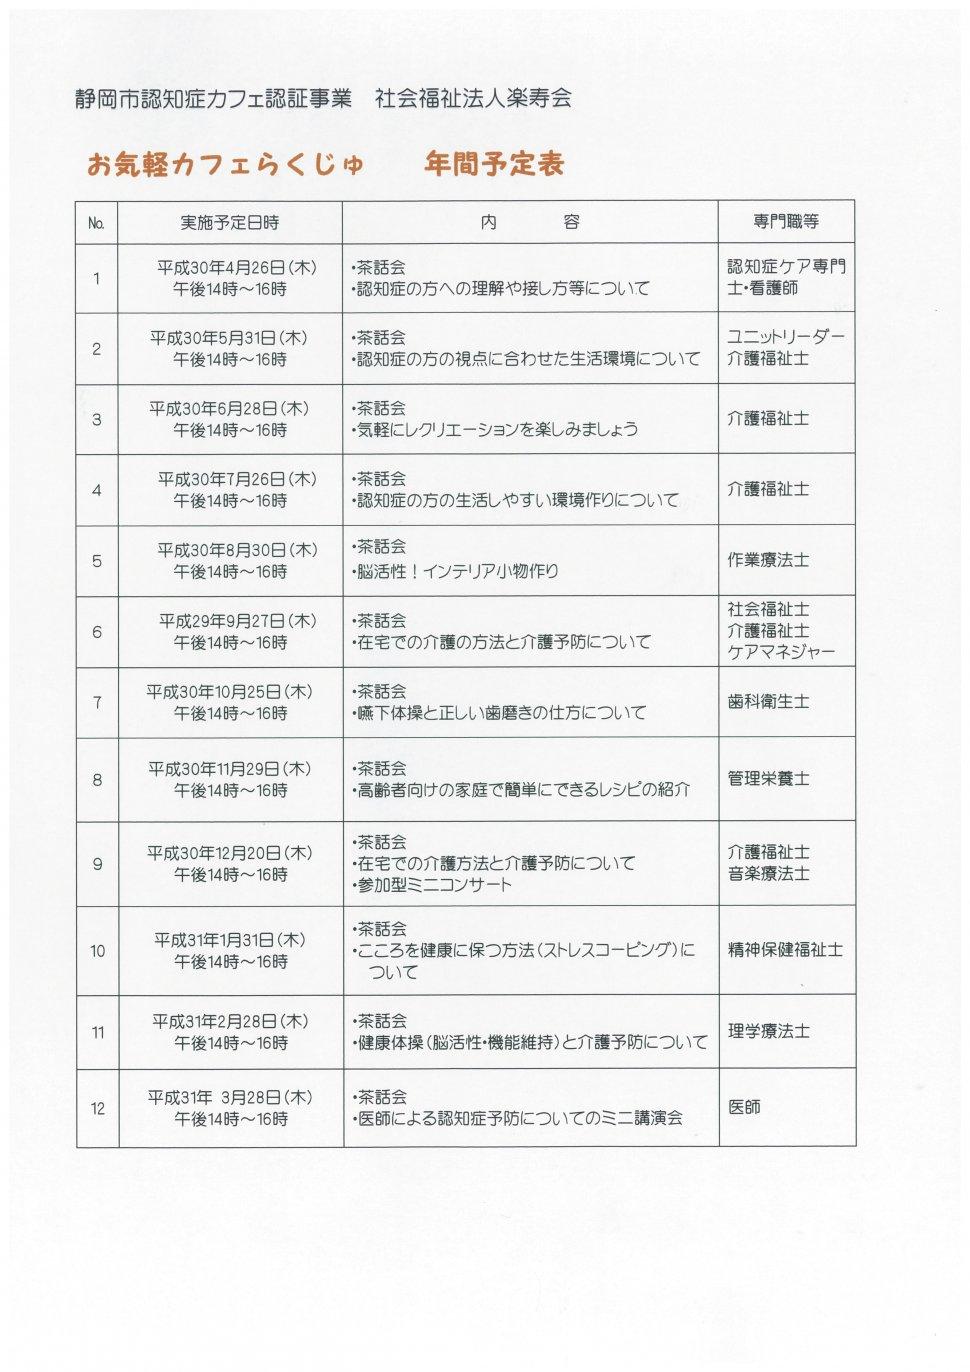 お気軽カフェらくじゅ年間予定表(平成30年度)